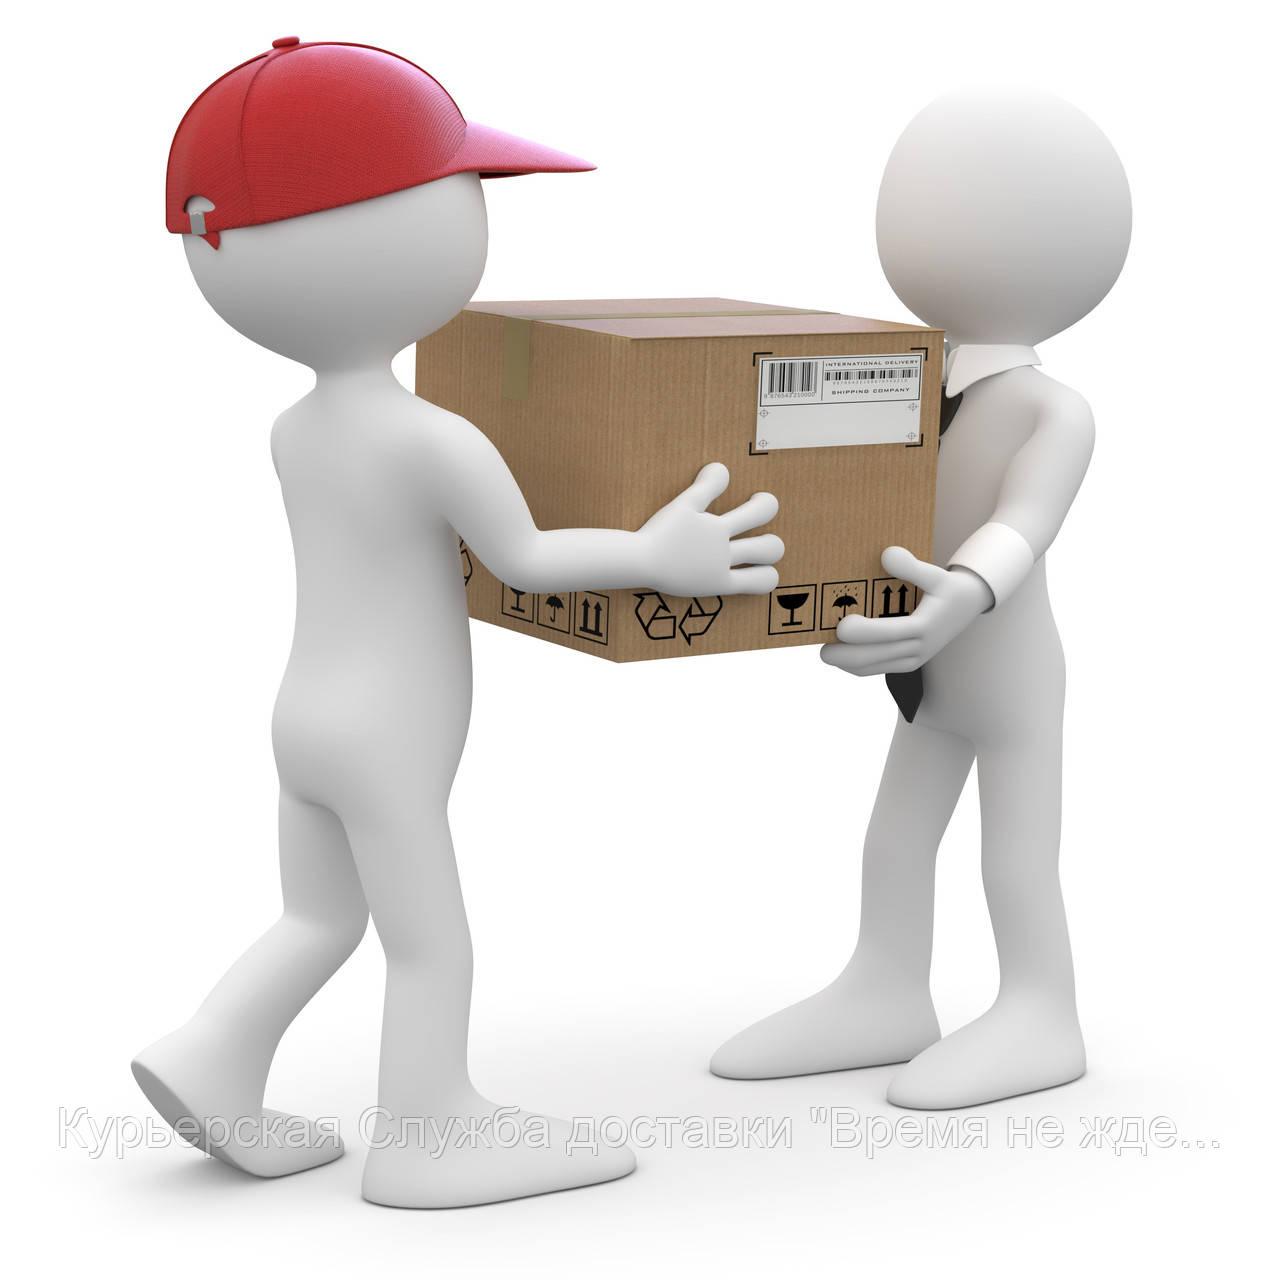 55c25967fd745 Доставки для интернет-магазинов, доставка малогабаритных посылок ...